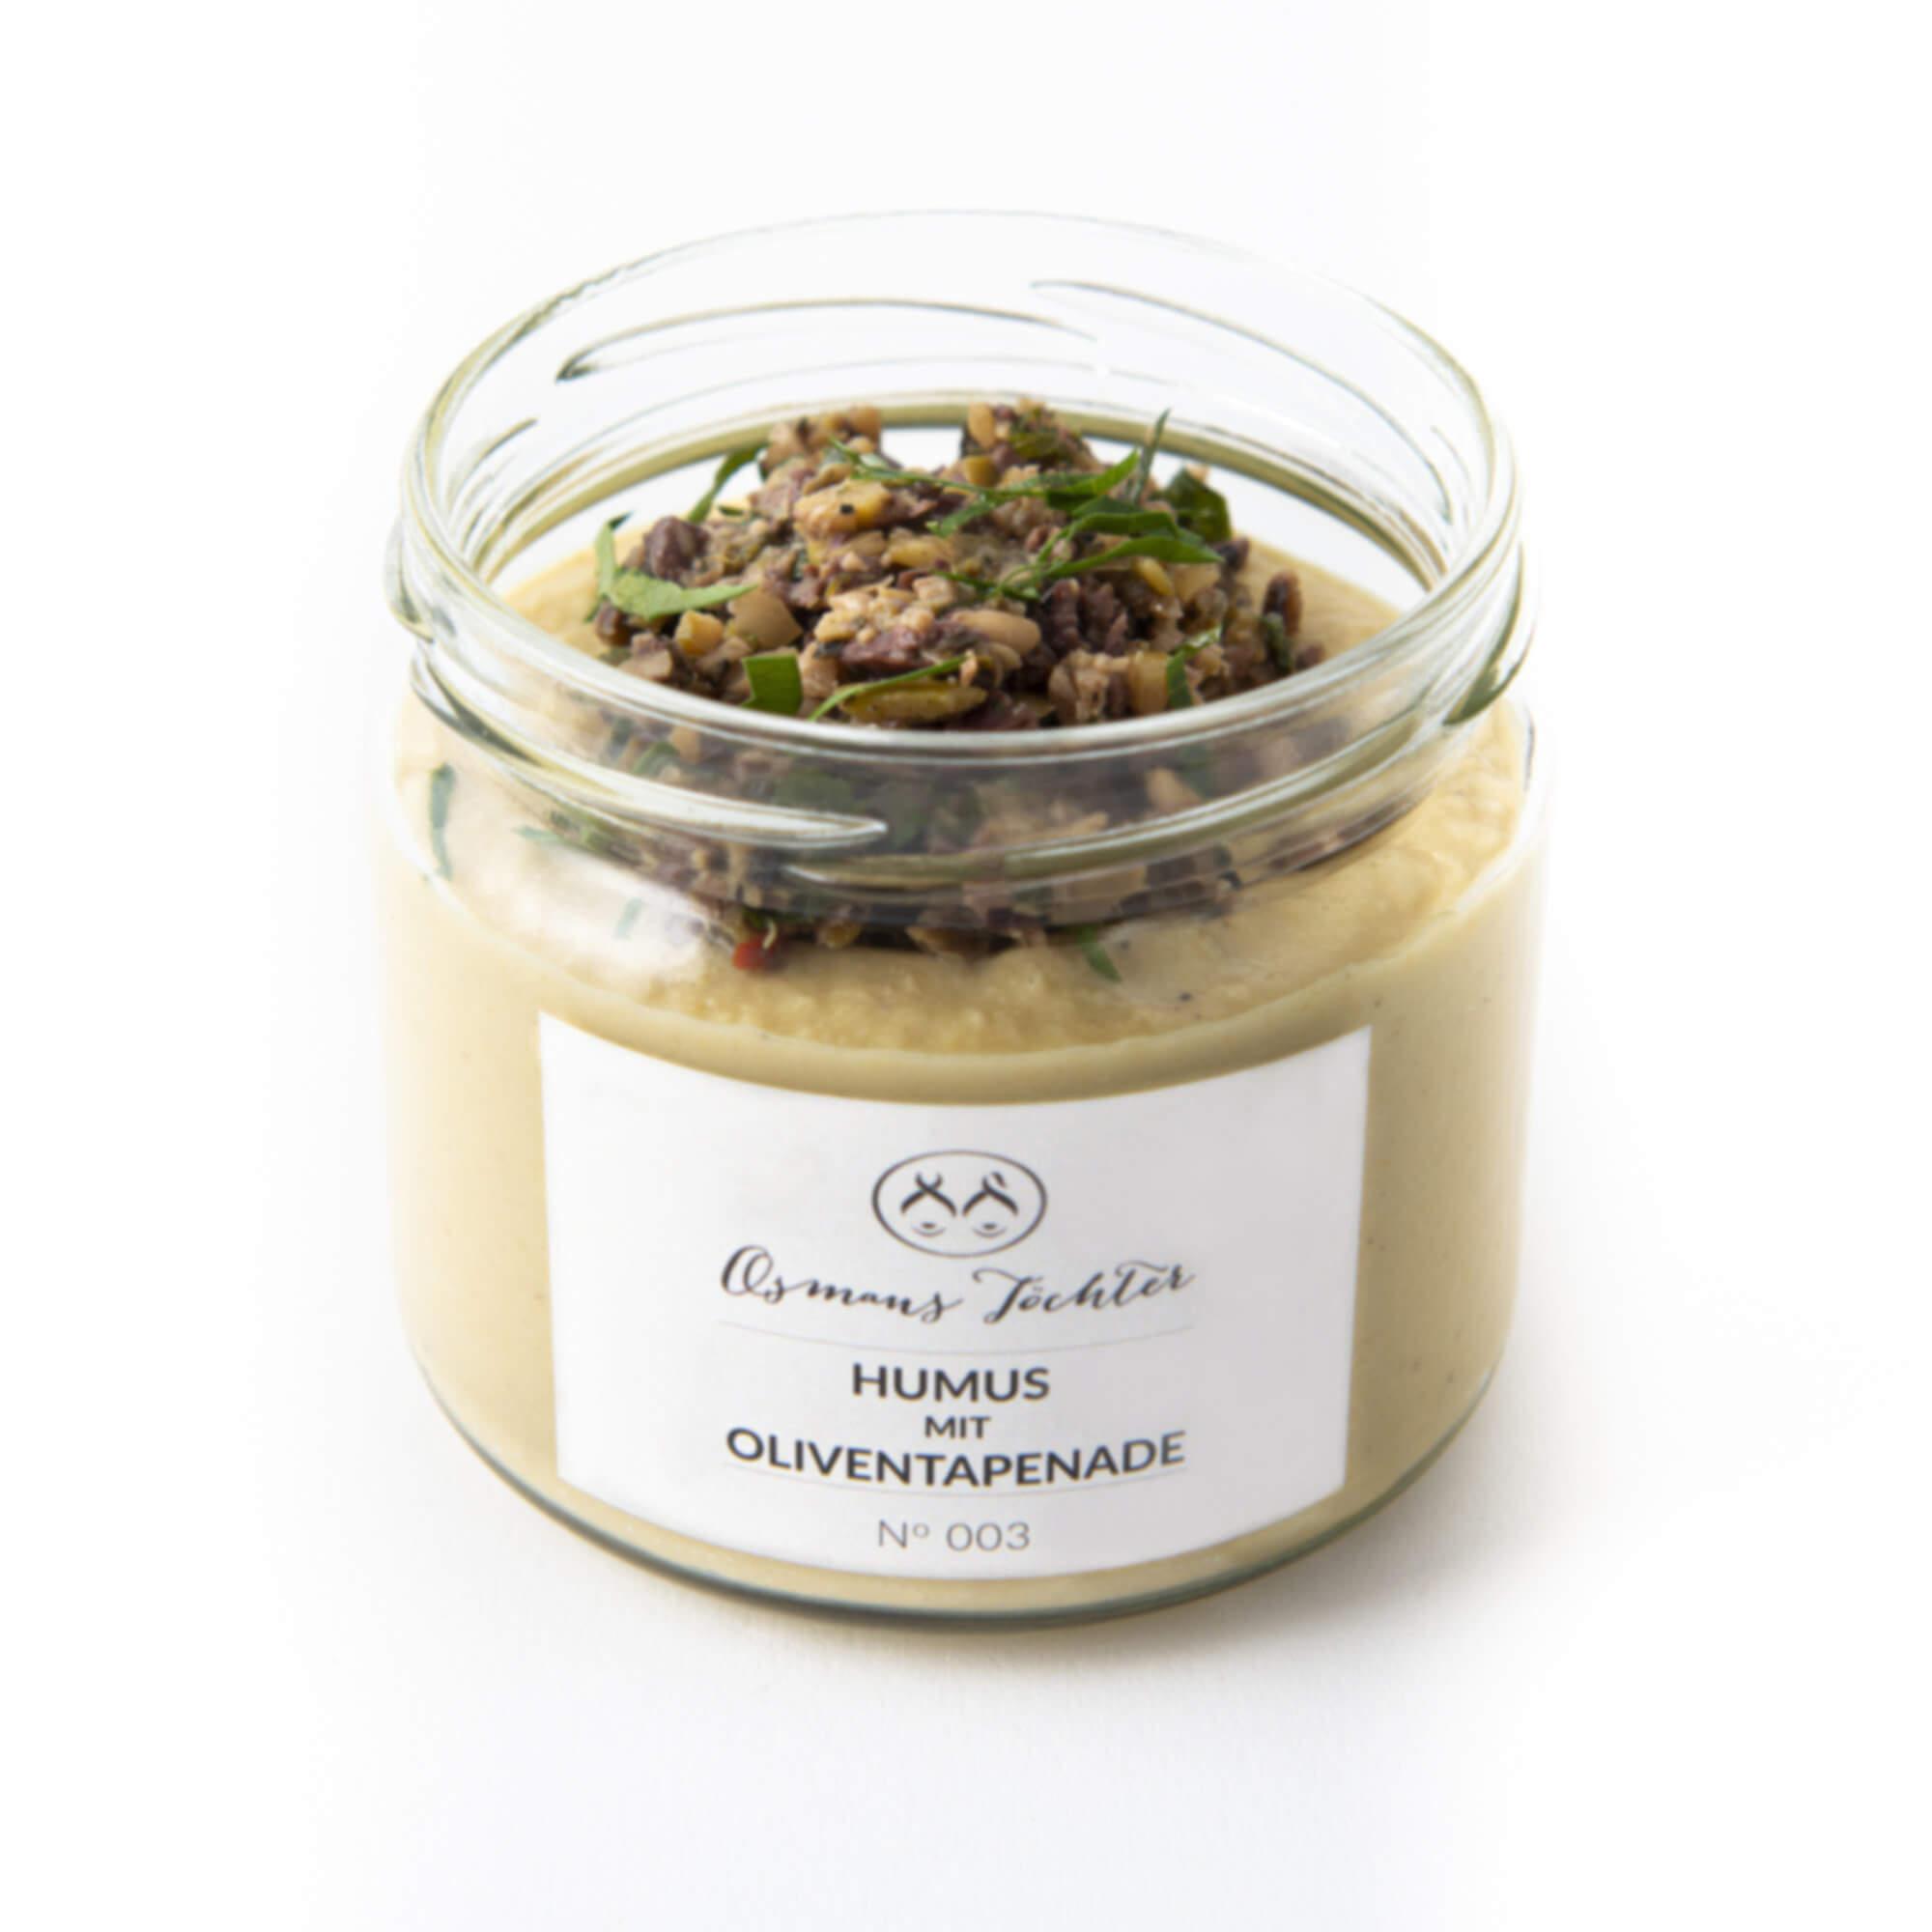 Humus mit Oliventapenade im Glas geöffnet  von vorne